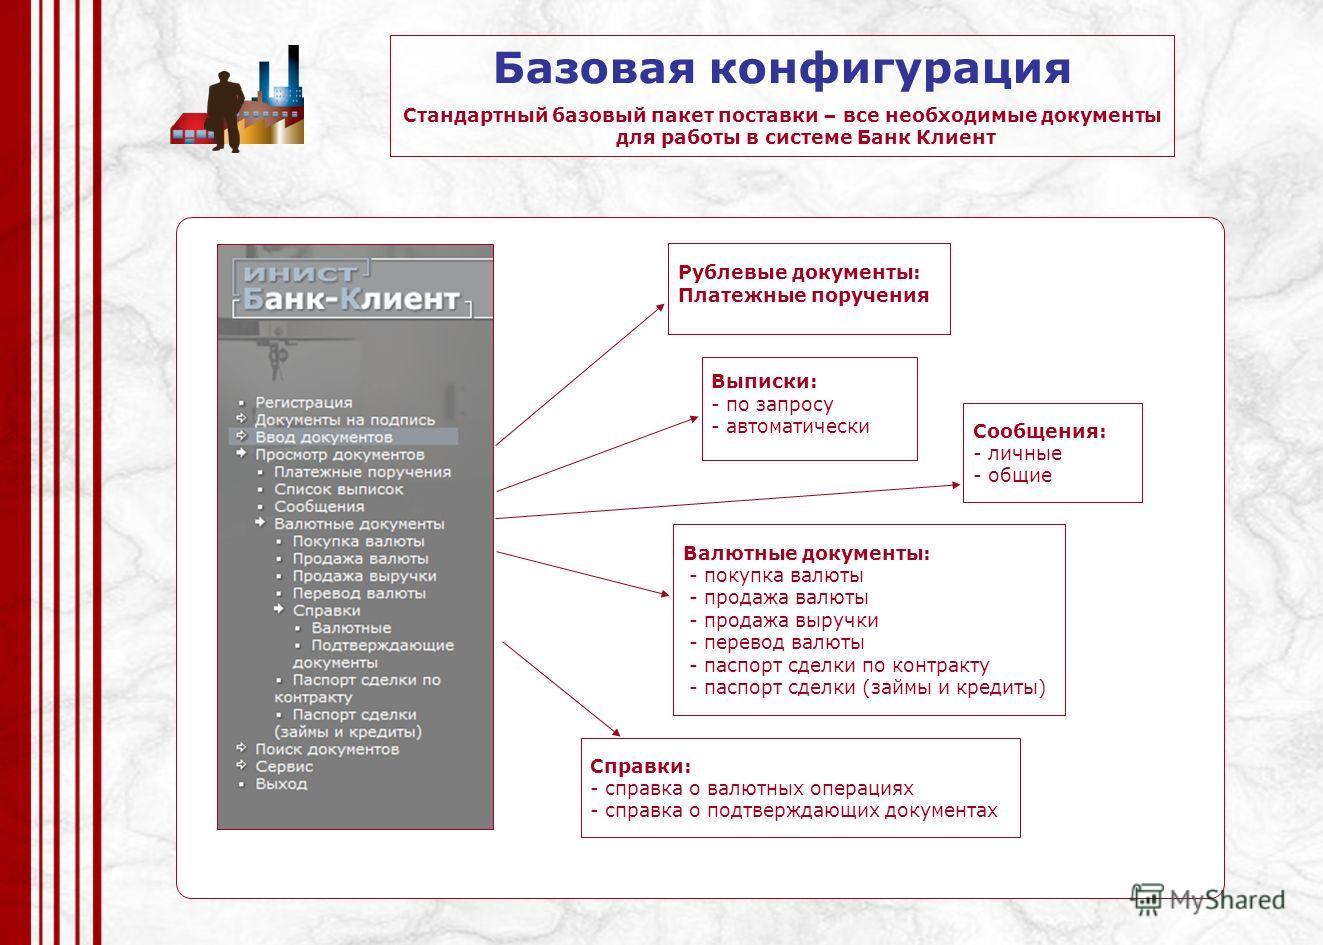 Базовая конфигурация Стандартный базовый пакет поставки – все необходимые документы для работы в системе Банк Клиент Рублевые документы: Платежные поручения Валютные документы: - покупка валюты - продажа валюты - продажа выручки - перевод валюты - па